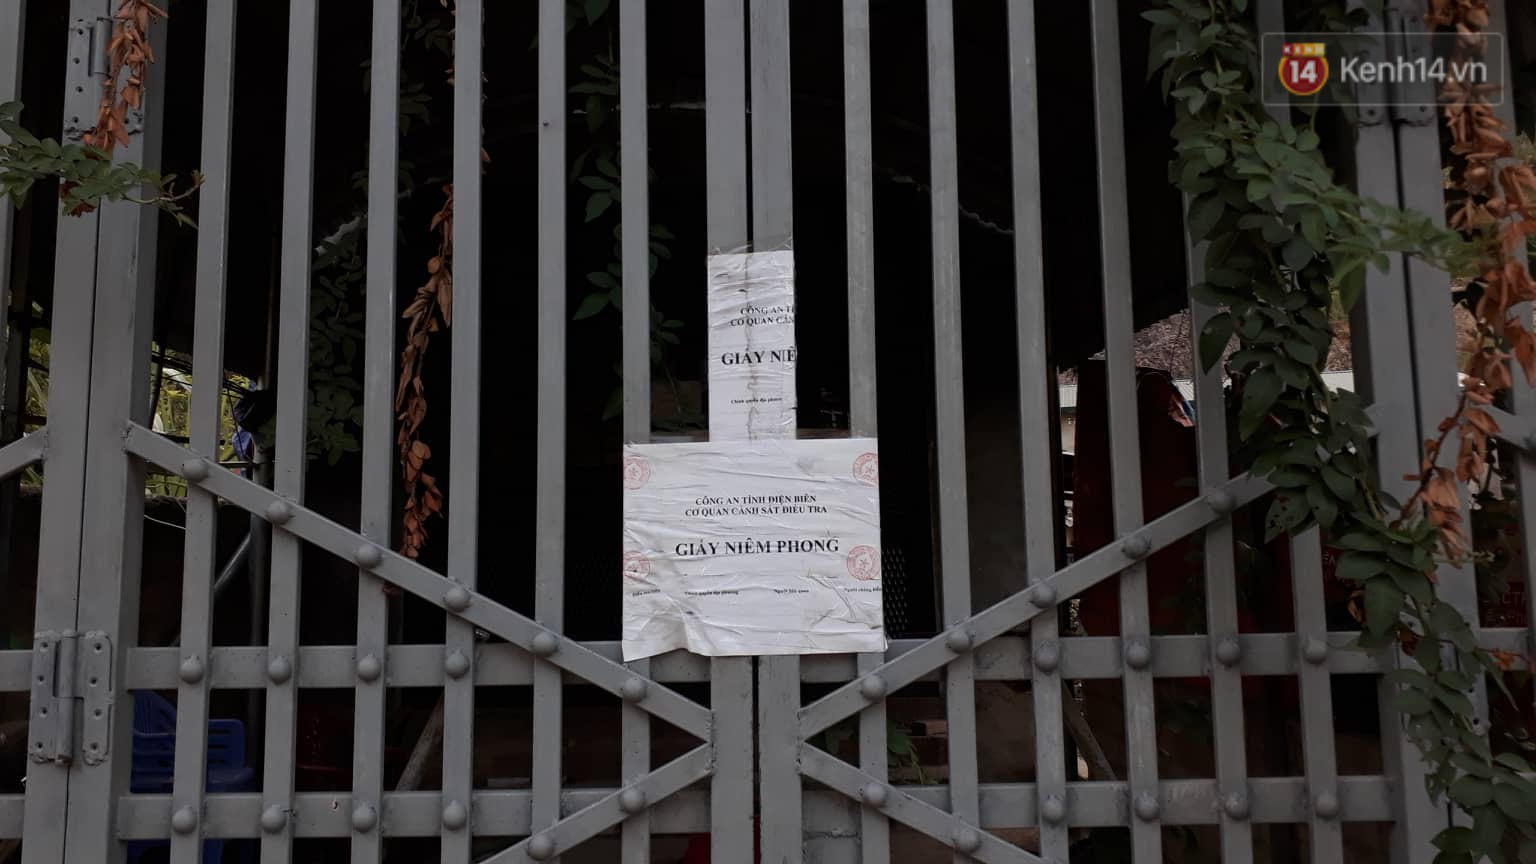 Vụ nữ sinh giao gà bị sát hại: Hàng xóm vẫn chưa hết bàng hoàng trước màn kịch xảo quyệt, che giấu tội ác cho chồng của Bùi Thị Kim Thu - Ảnh 1.